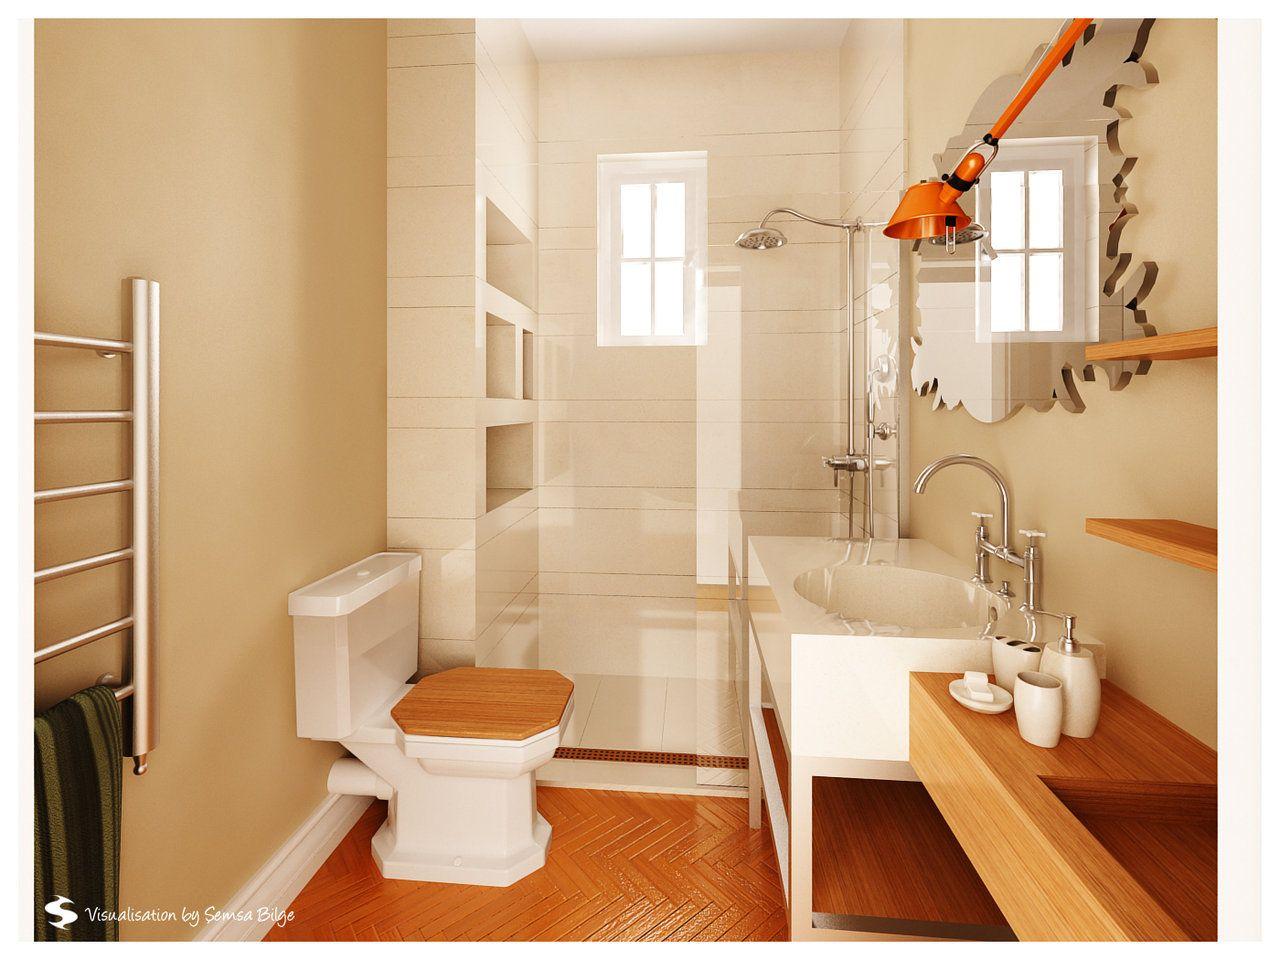 11 Wildly Artistic Bathrooms | Bathroom designs, Small bathroom ...